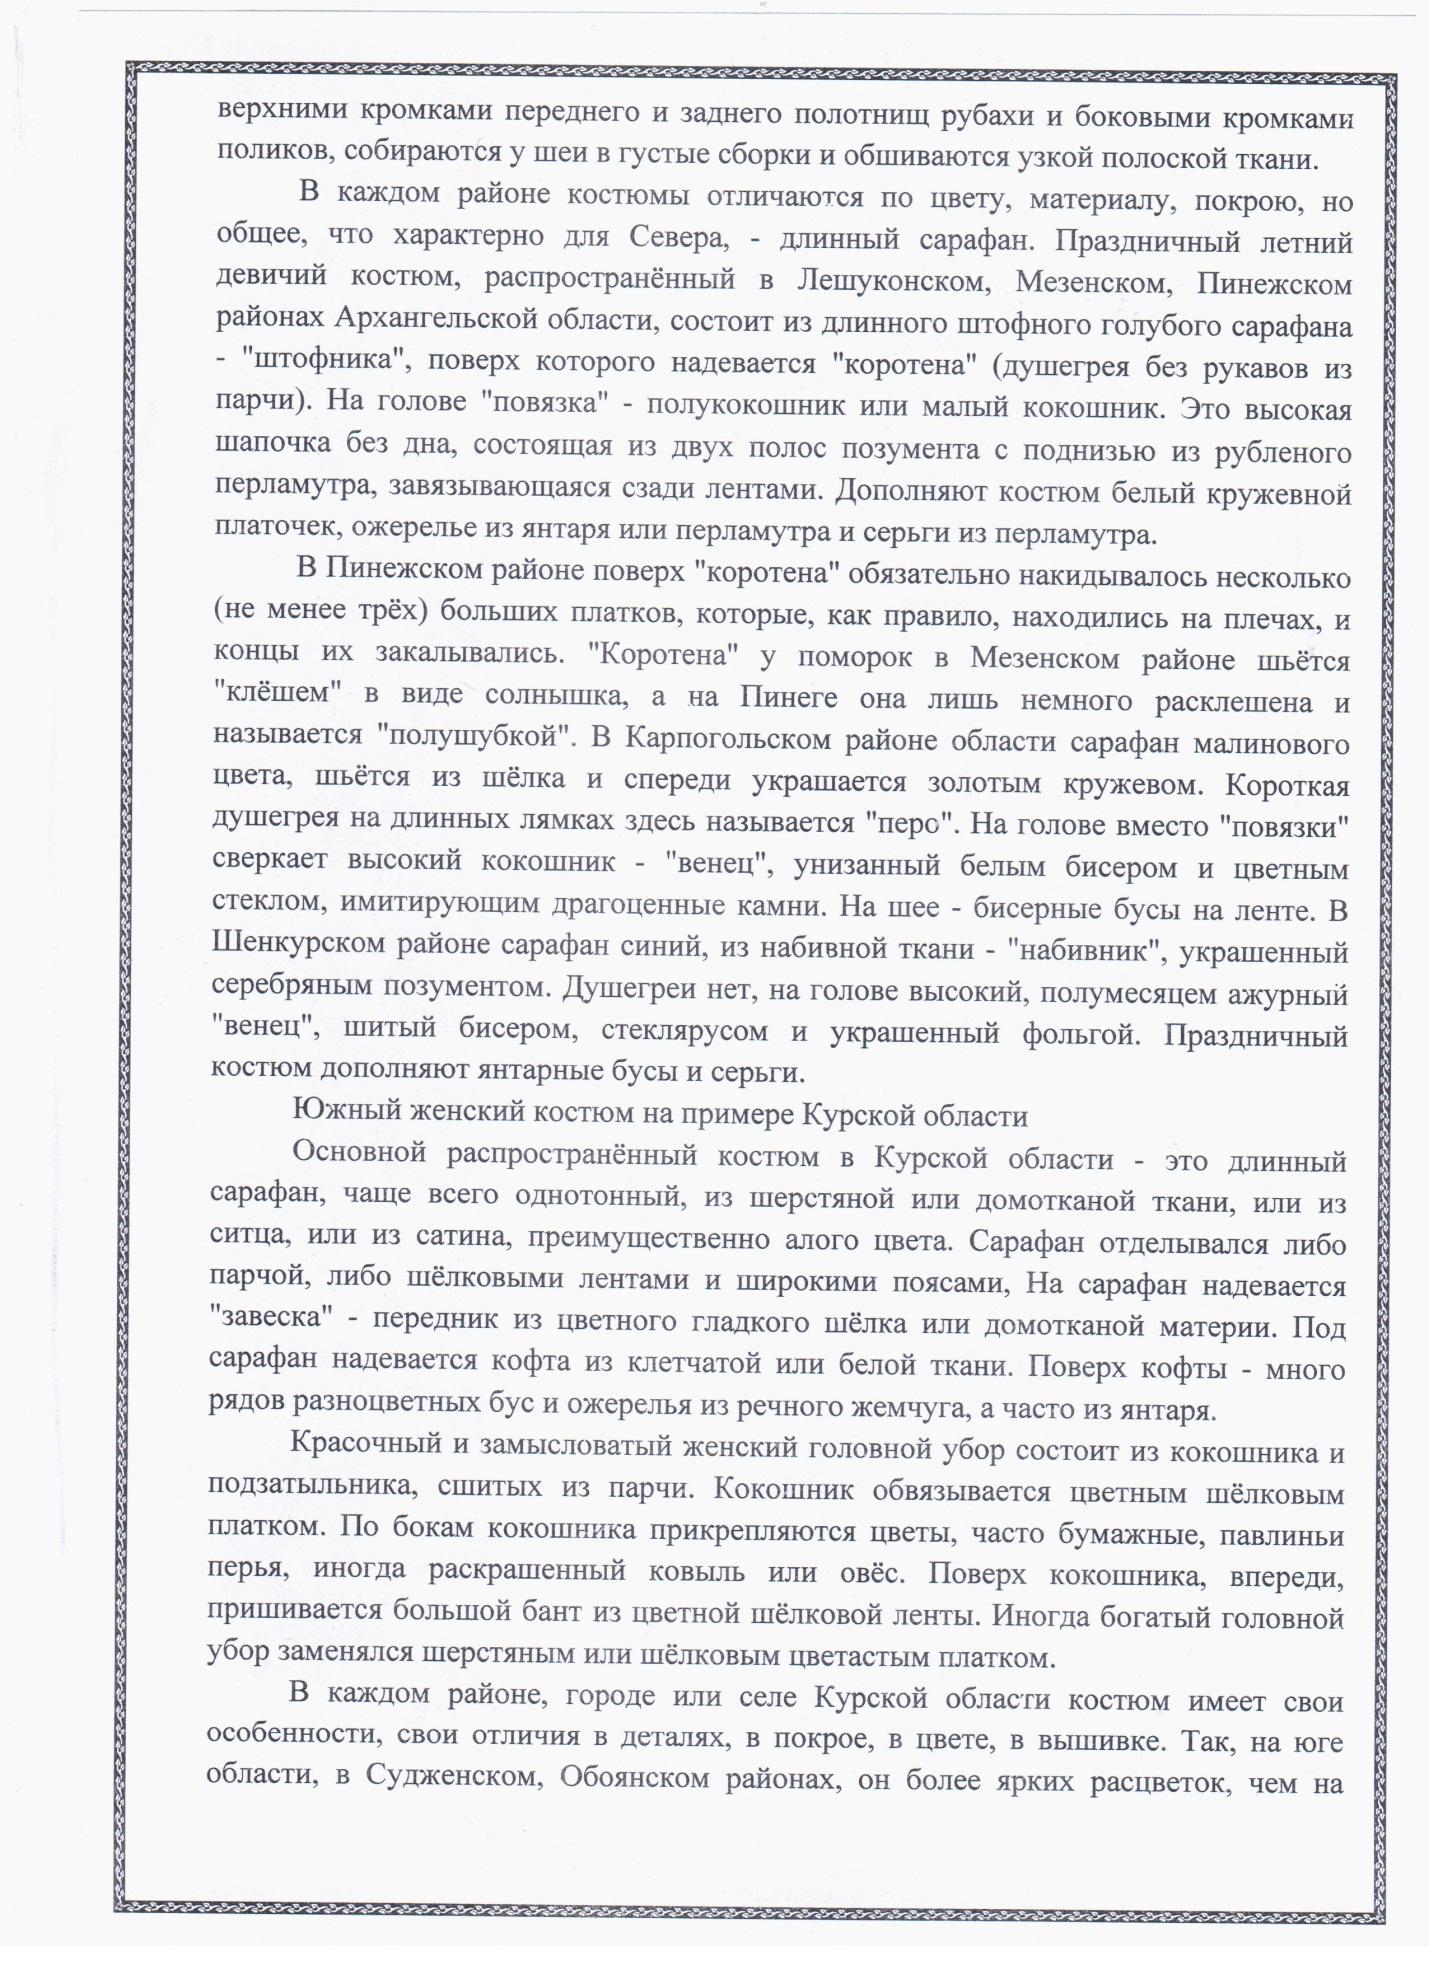 E:\доклад русский танец и еев иды\5.jpeg